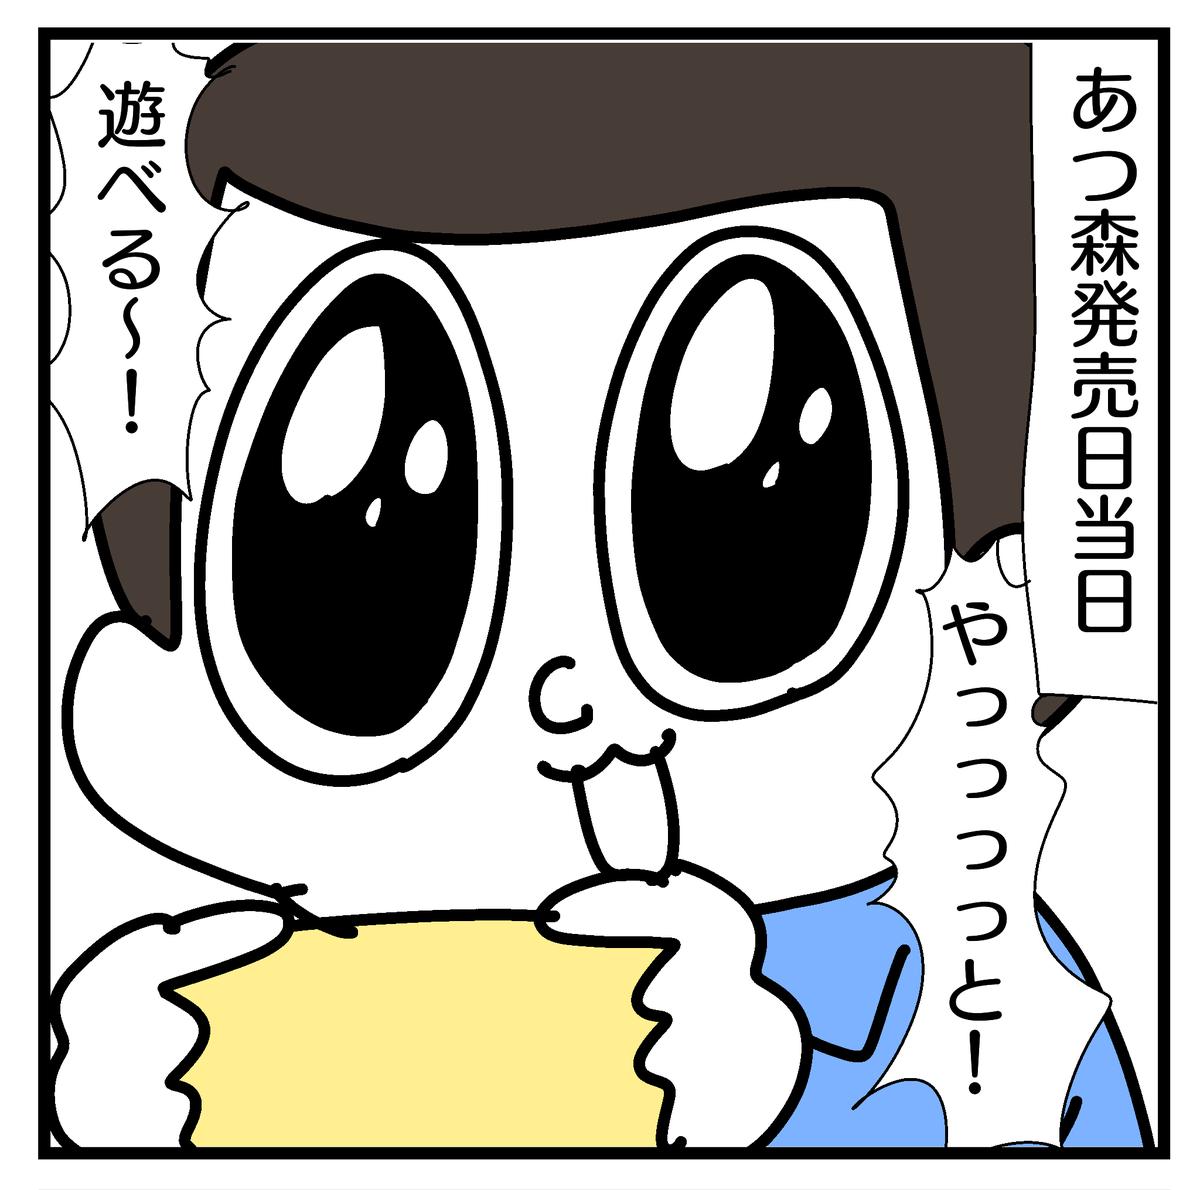 f:id:YuruFuwaTa:20200623104653p:plain